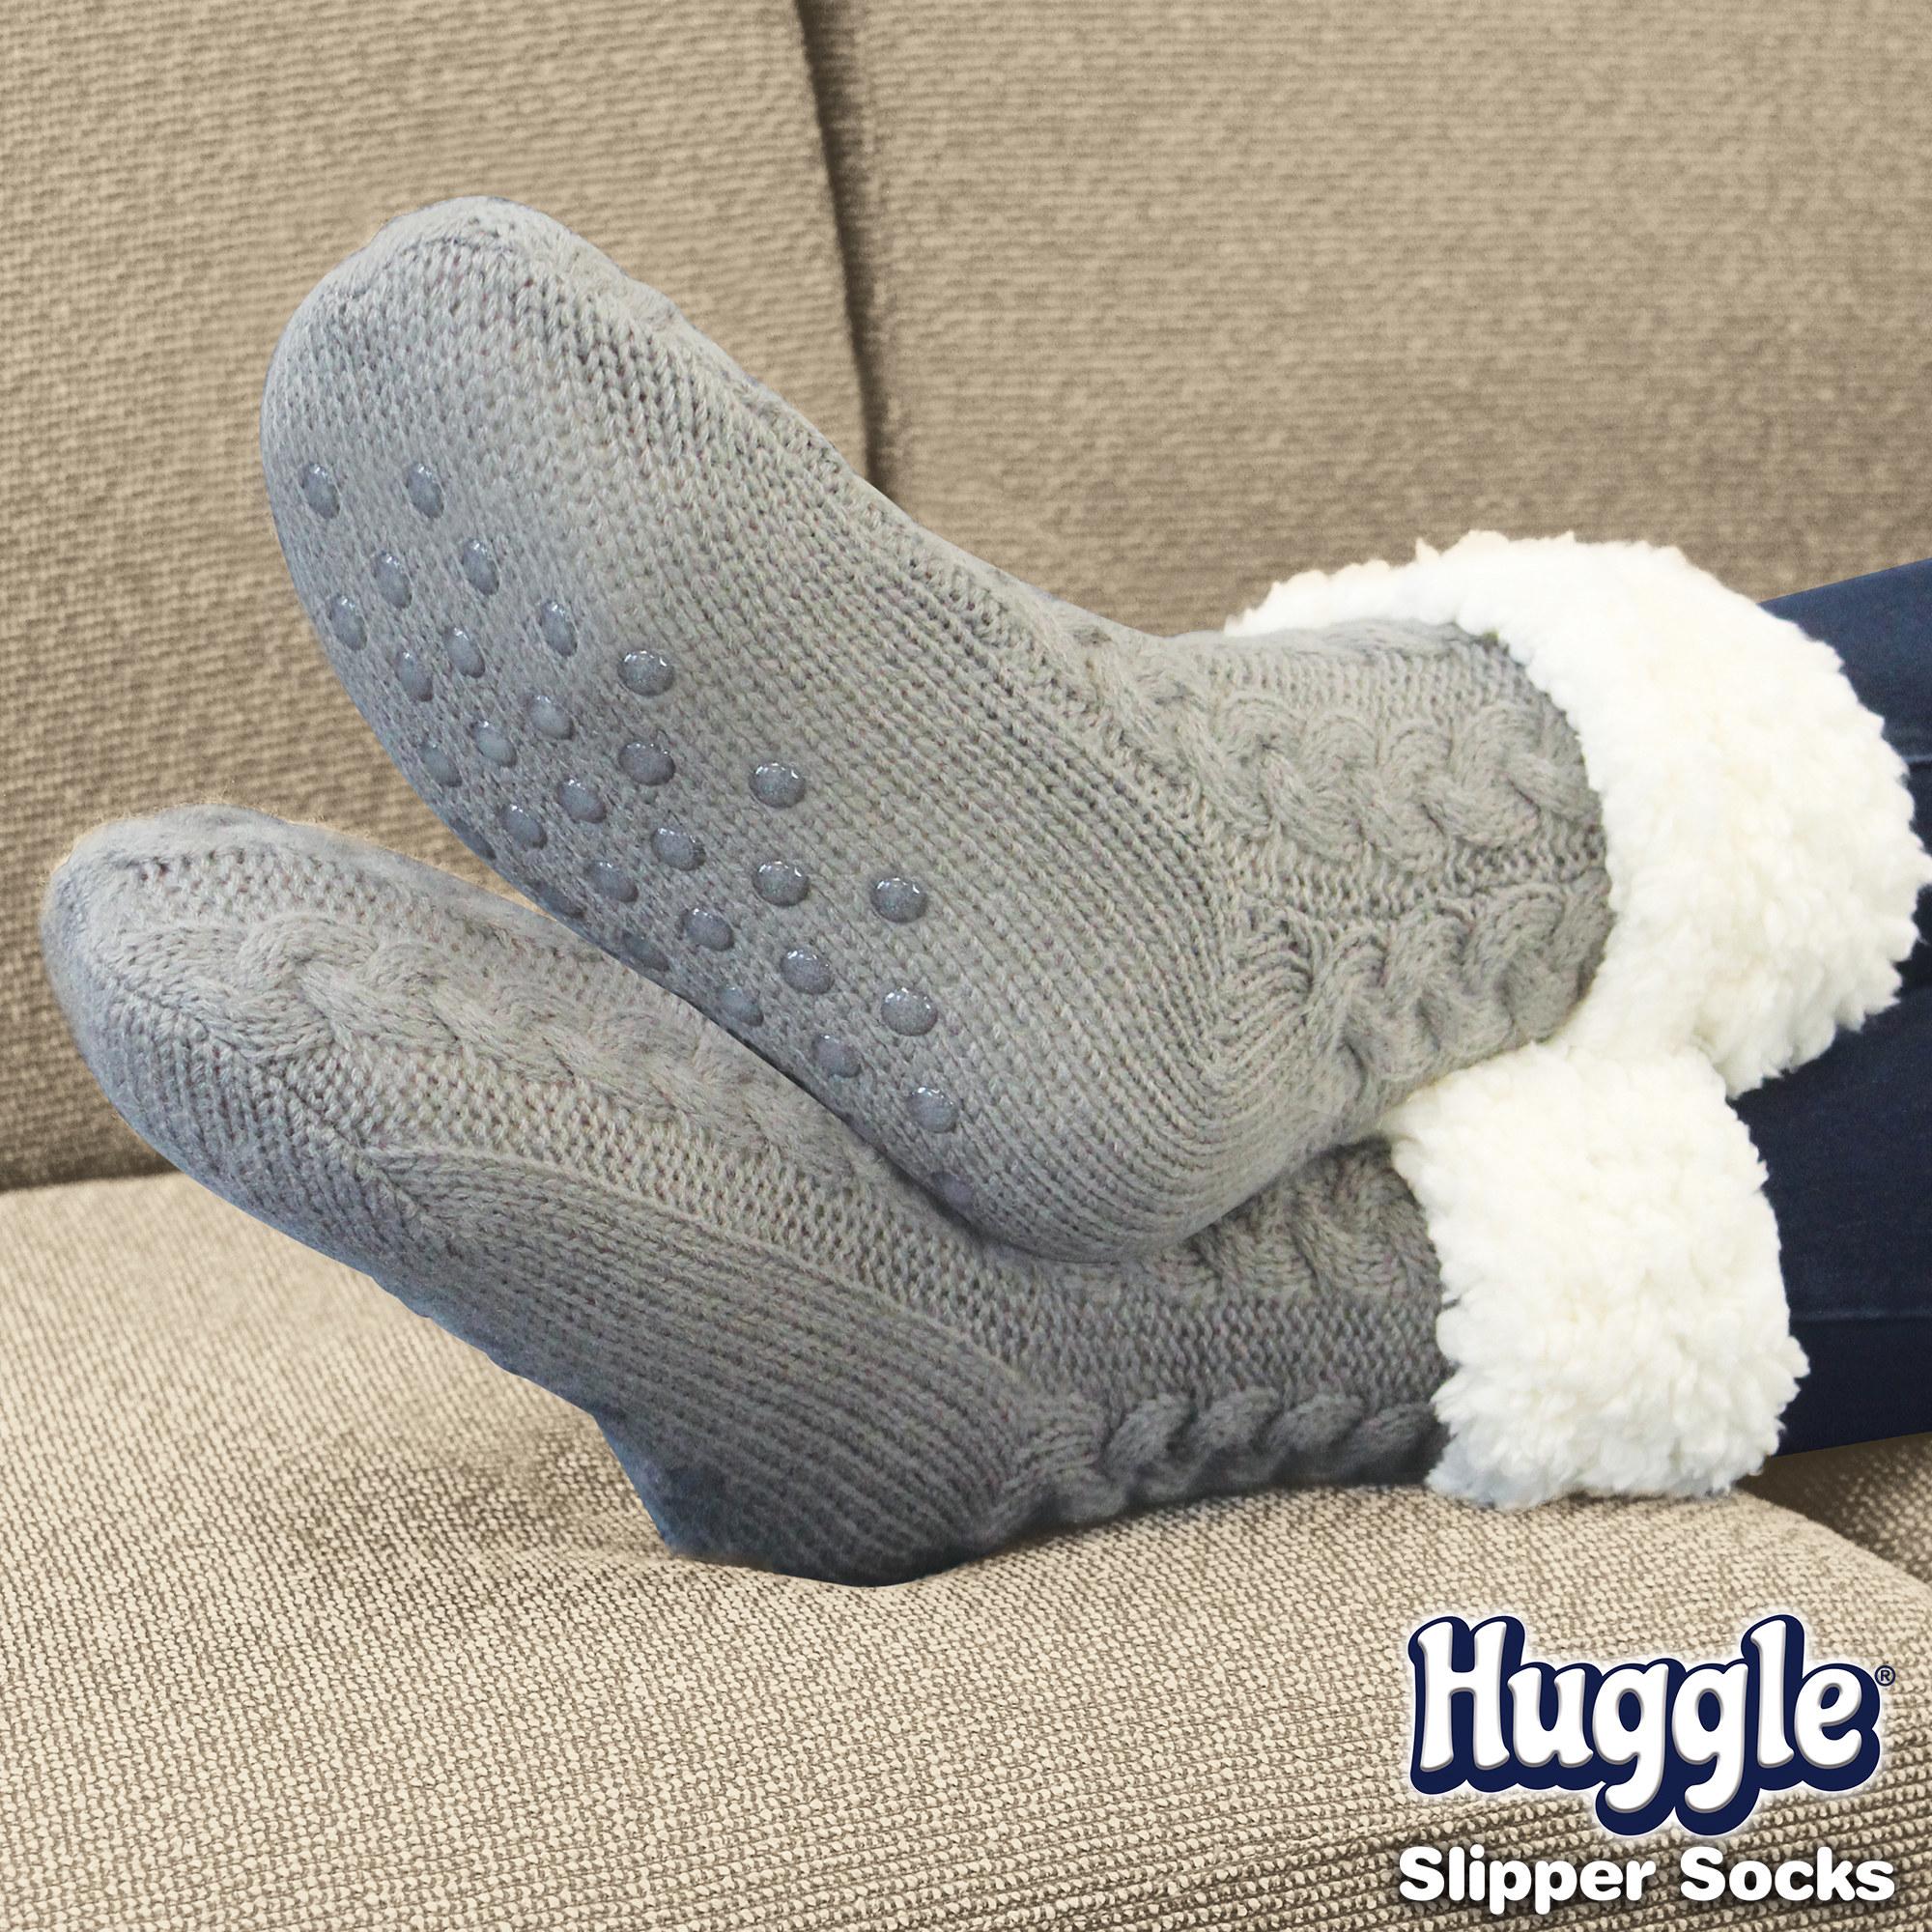 The slipper socks with bottom grips